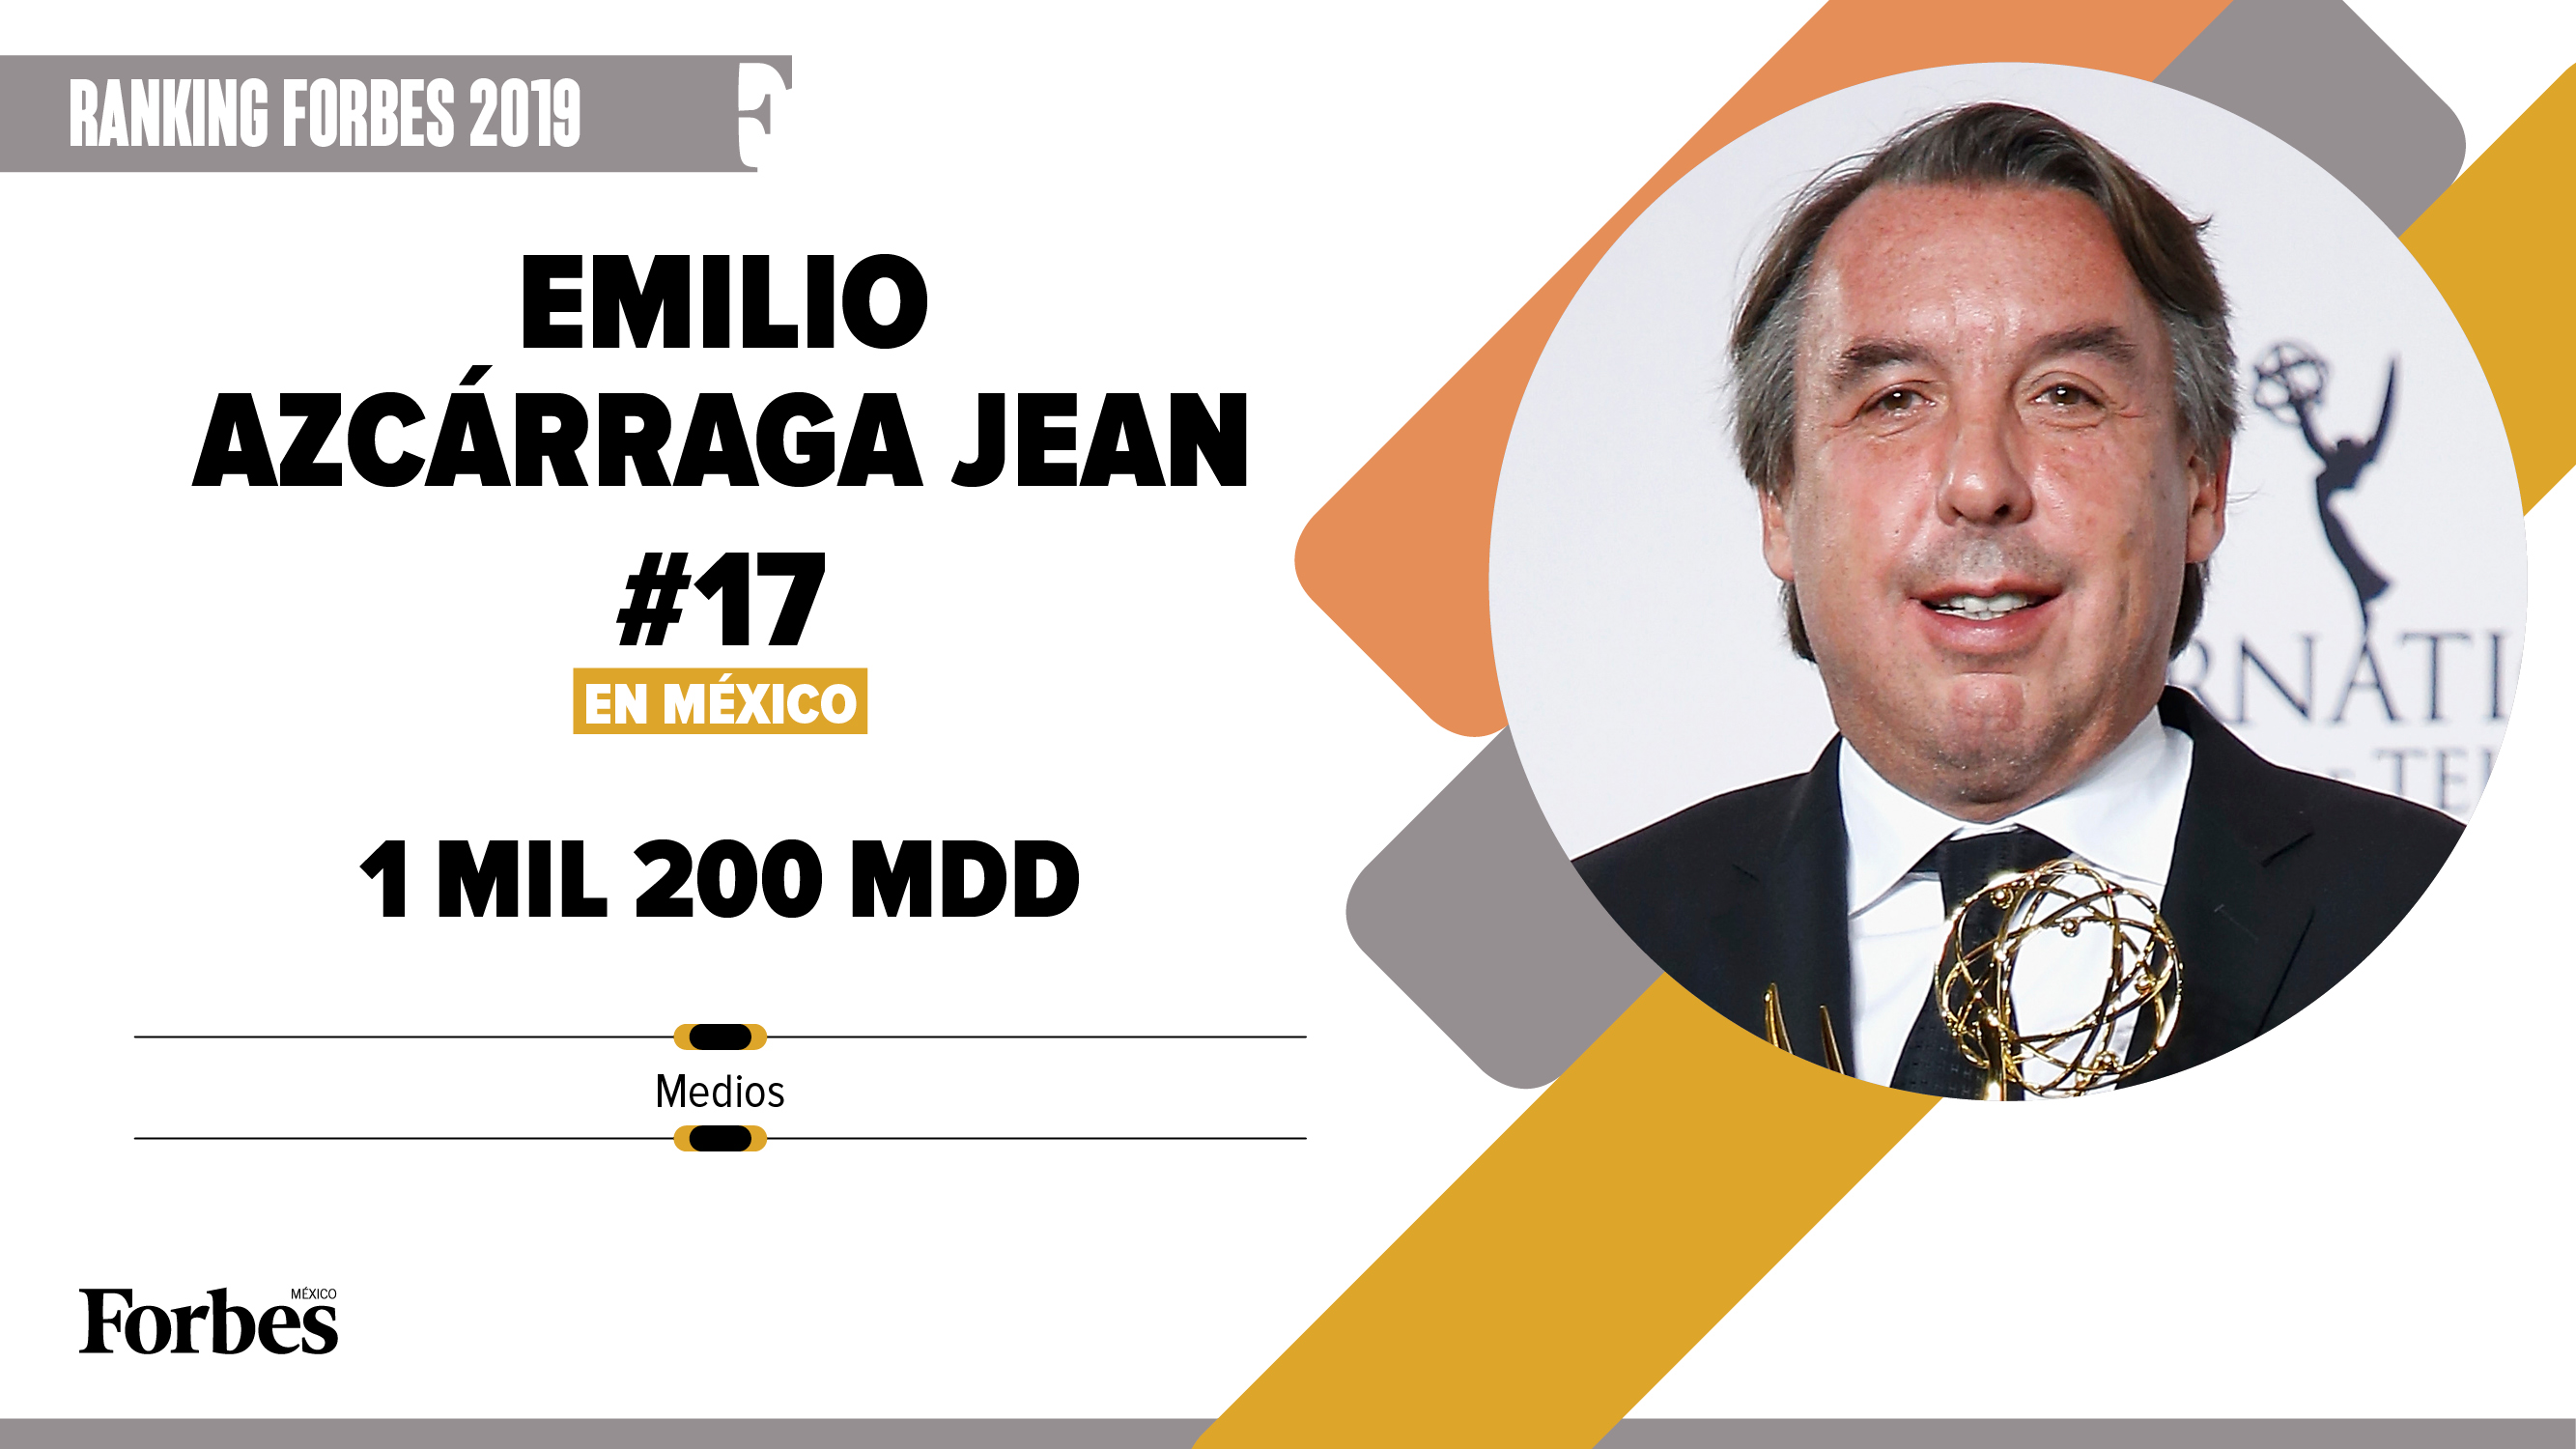 Billionaires 2019 | Perdió 500 mdd, pero Azcárraga Jean se mantiene en el mismo canal